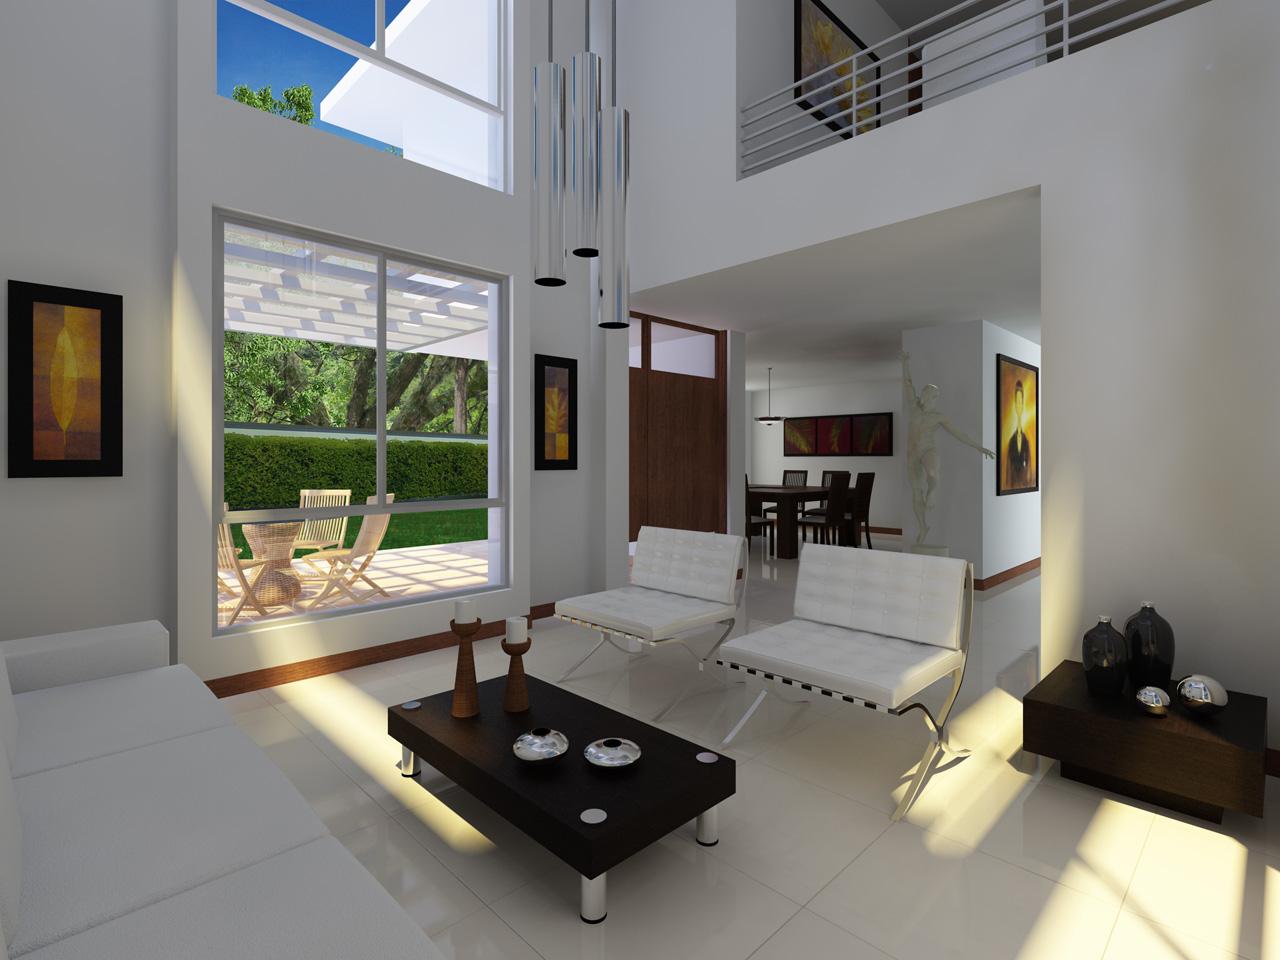 Casa en cali for Decoradores de casas interiores